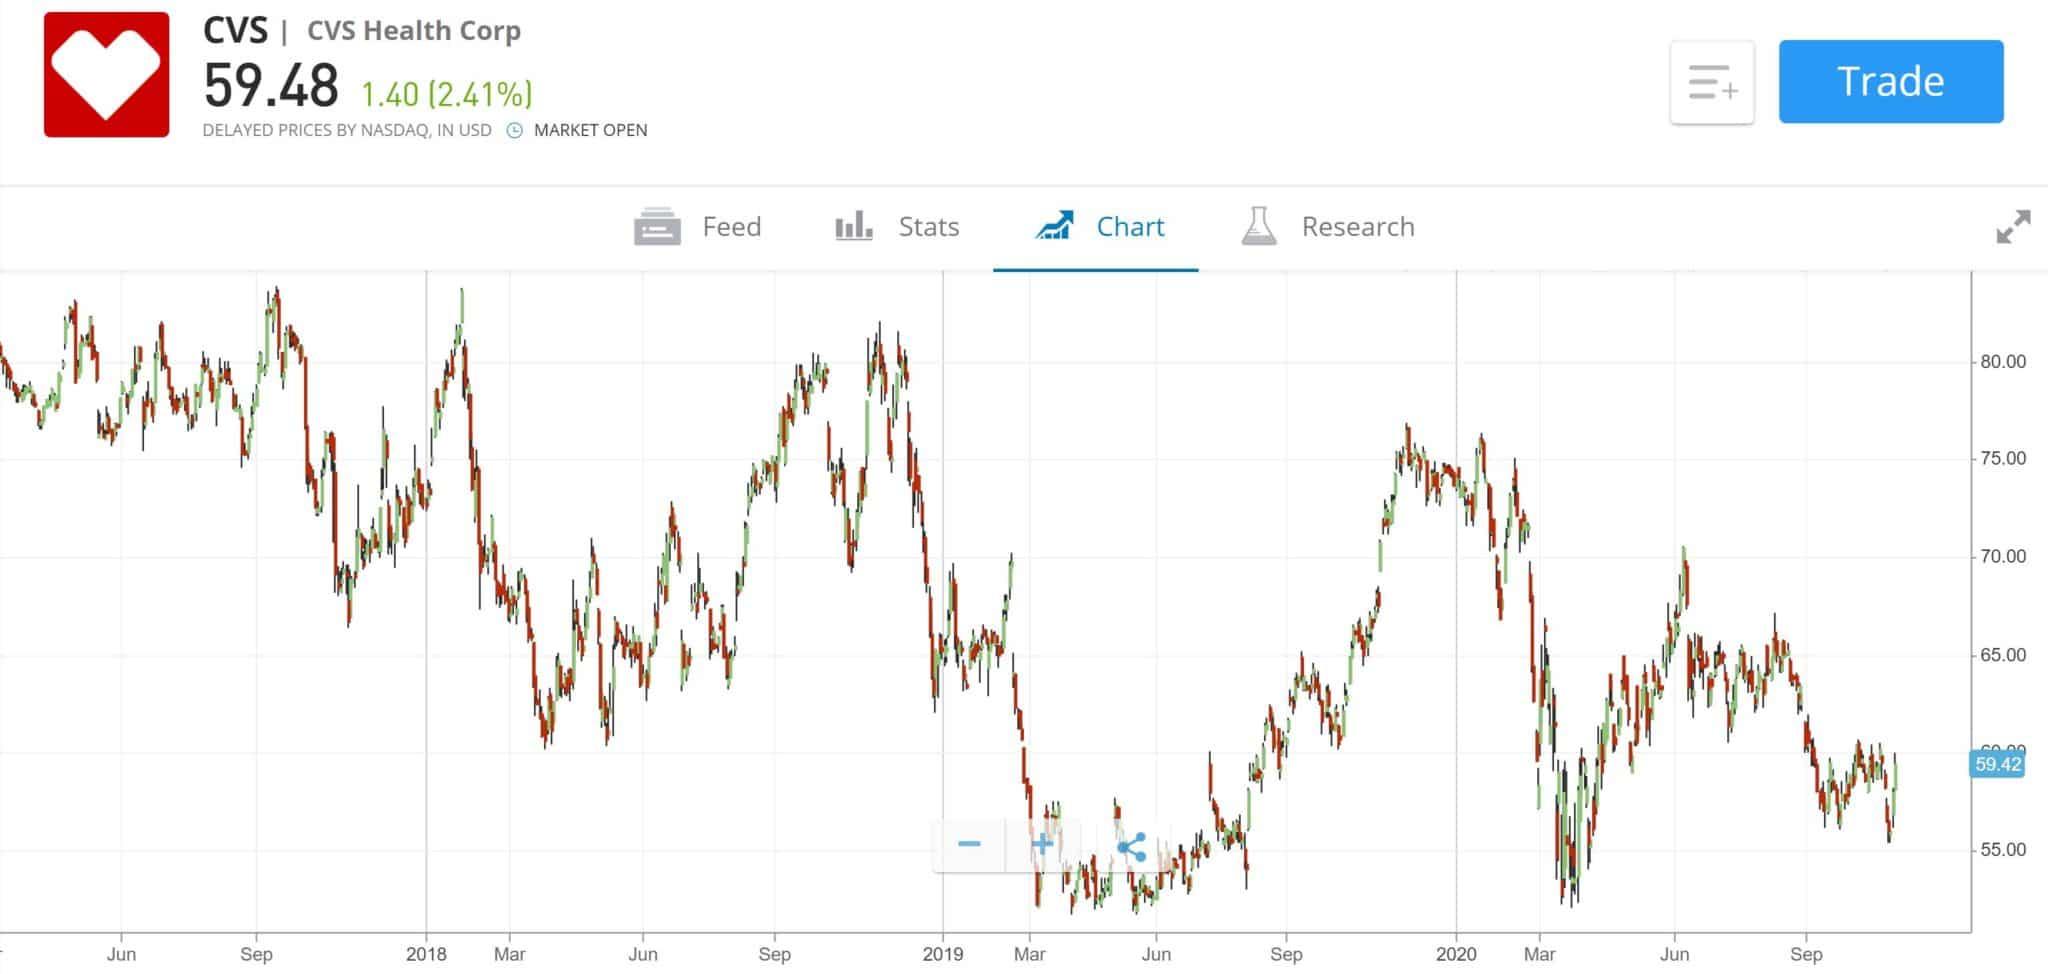 CVS Stock Chart